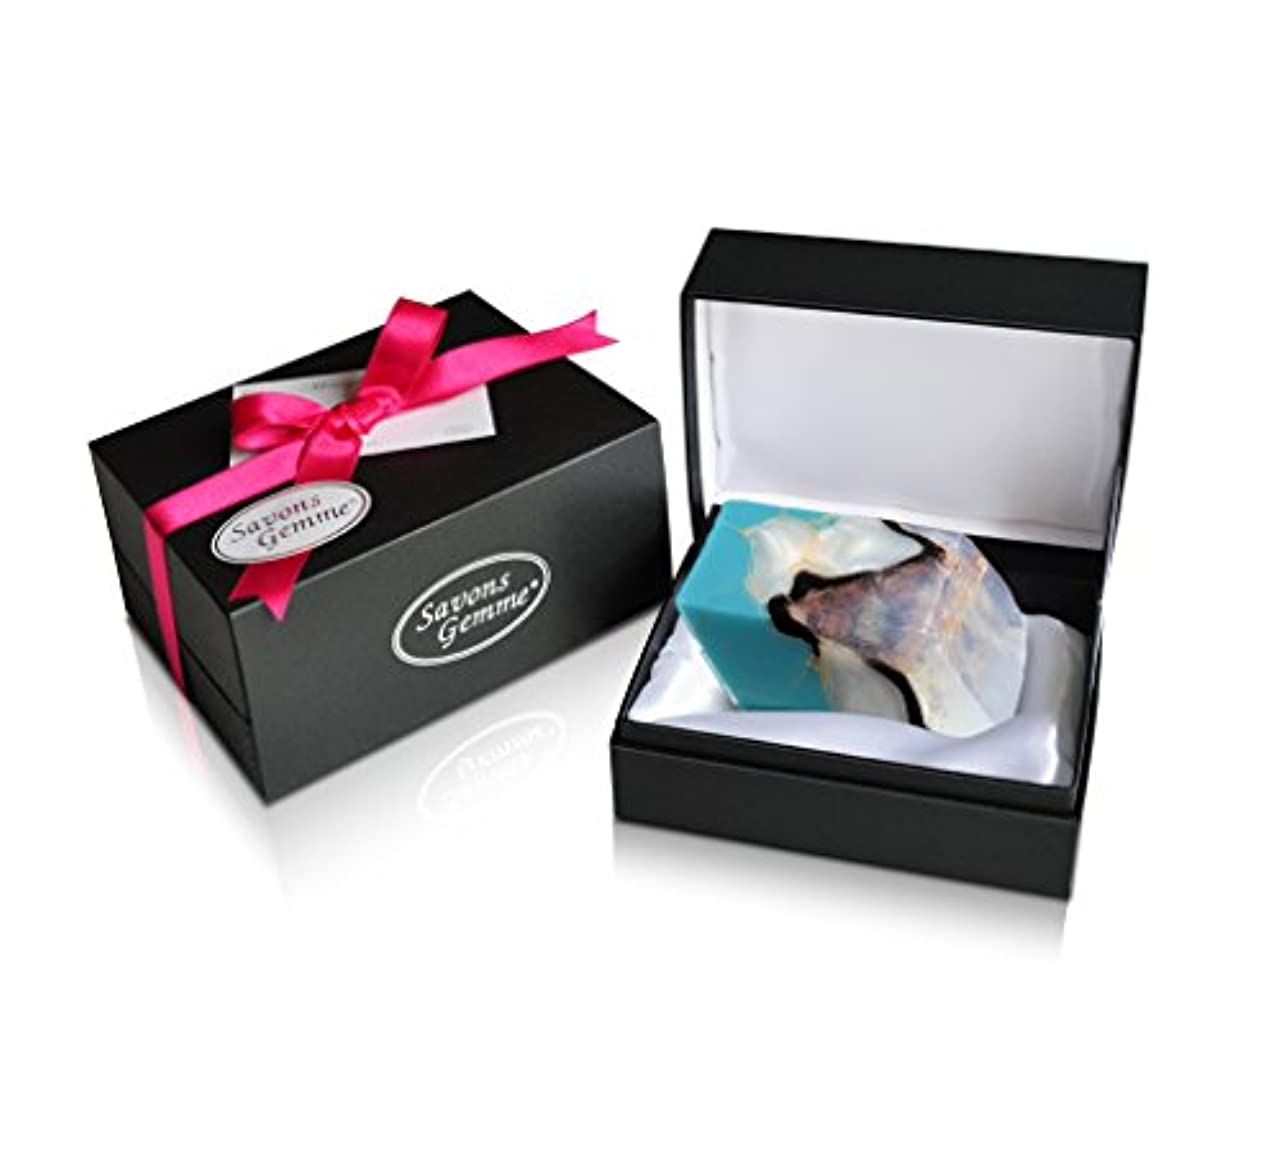 飼い慣らすさようならいいねSavons Gemme サボンジェム ジュエリーギフトボックス 世界で一番美しい宝石石鹸 フレグランス ソープ ターコイズ 170g